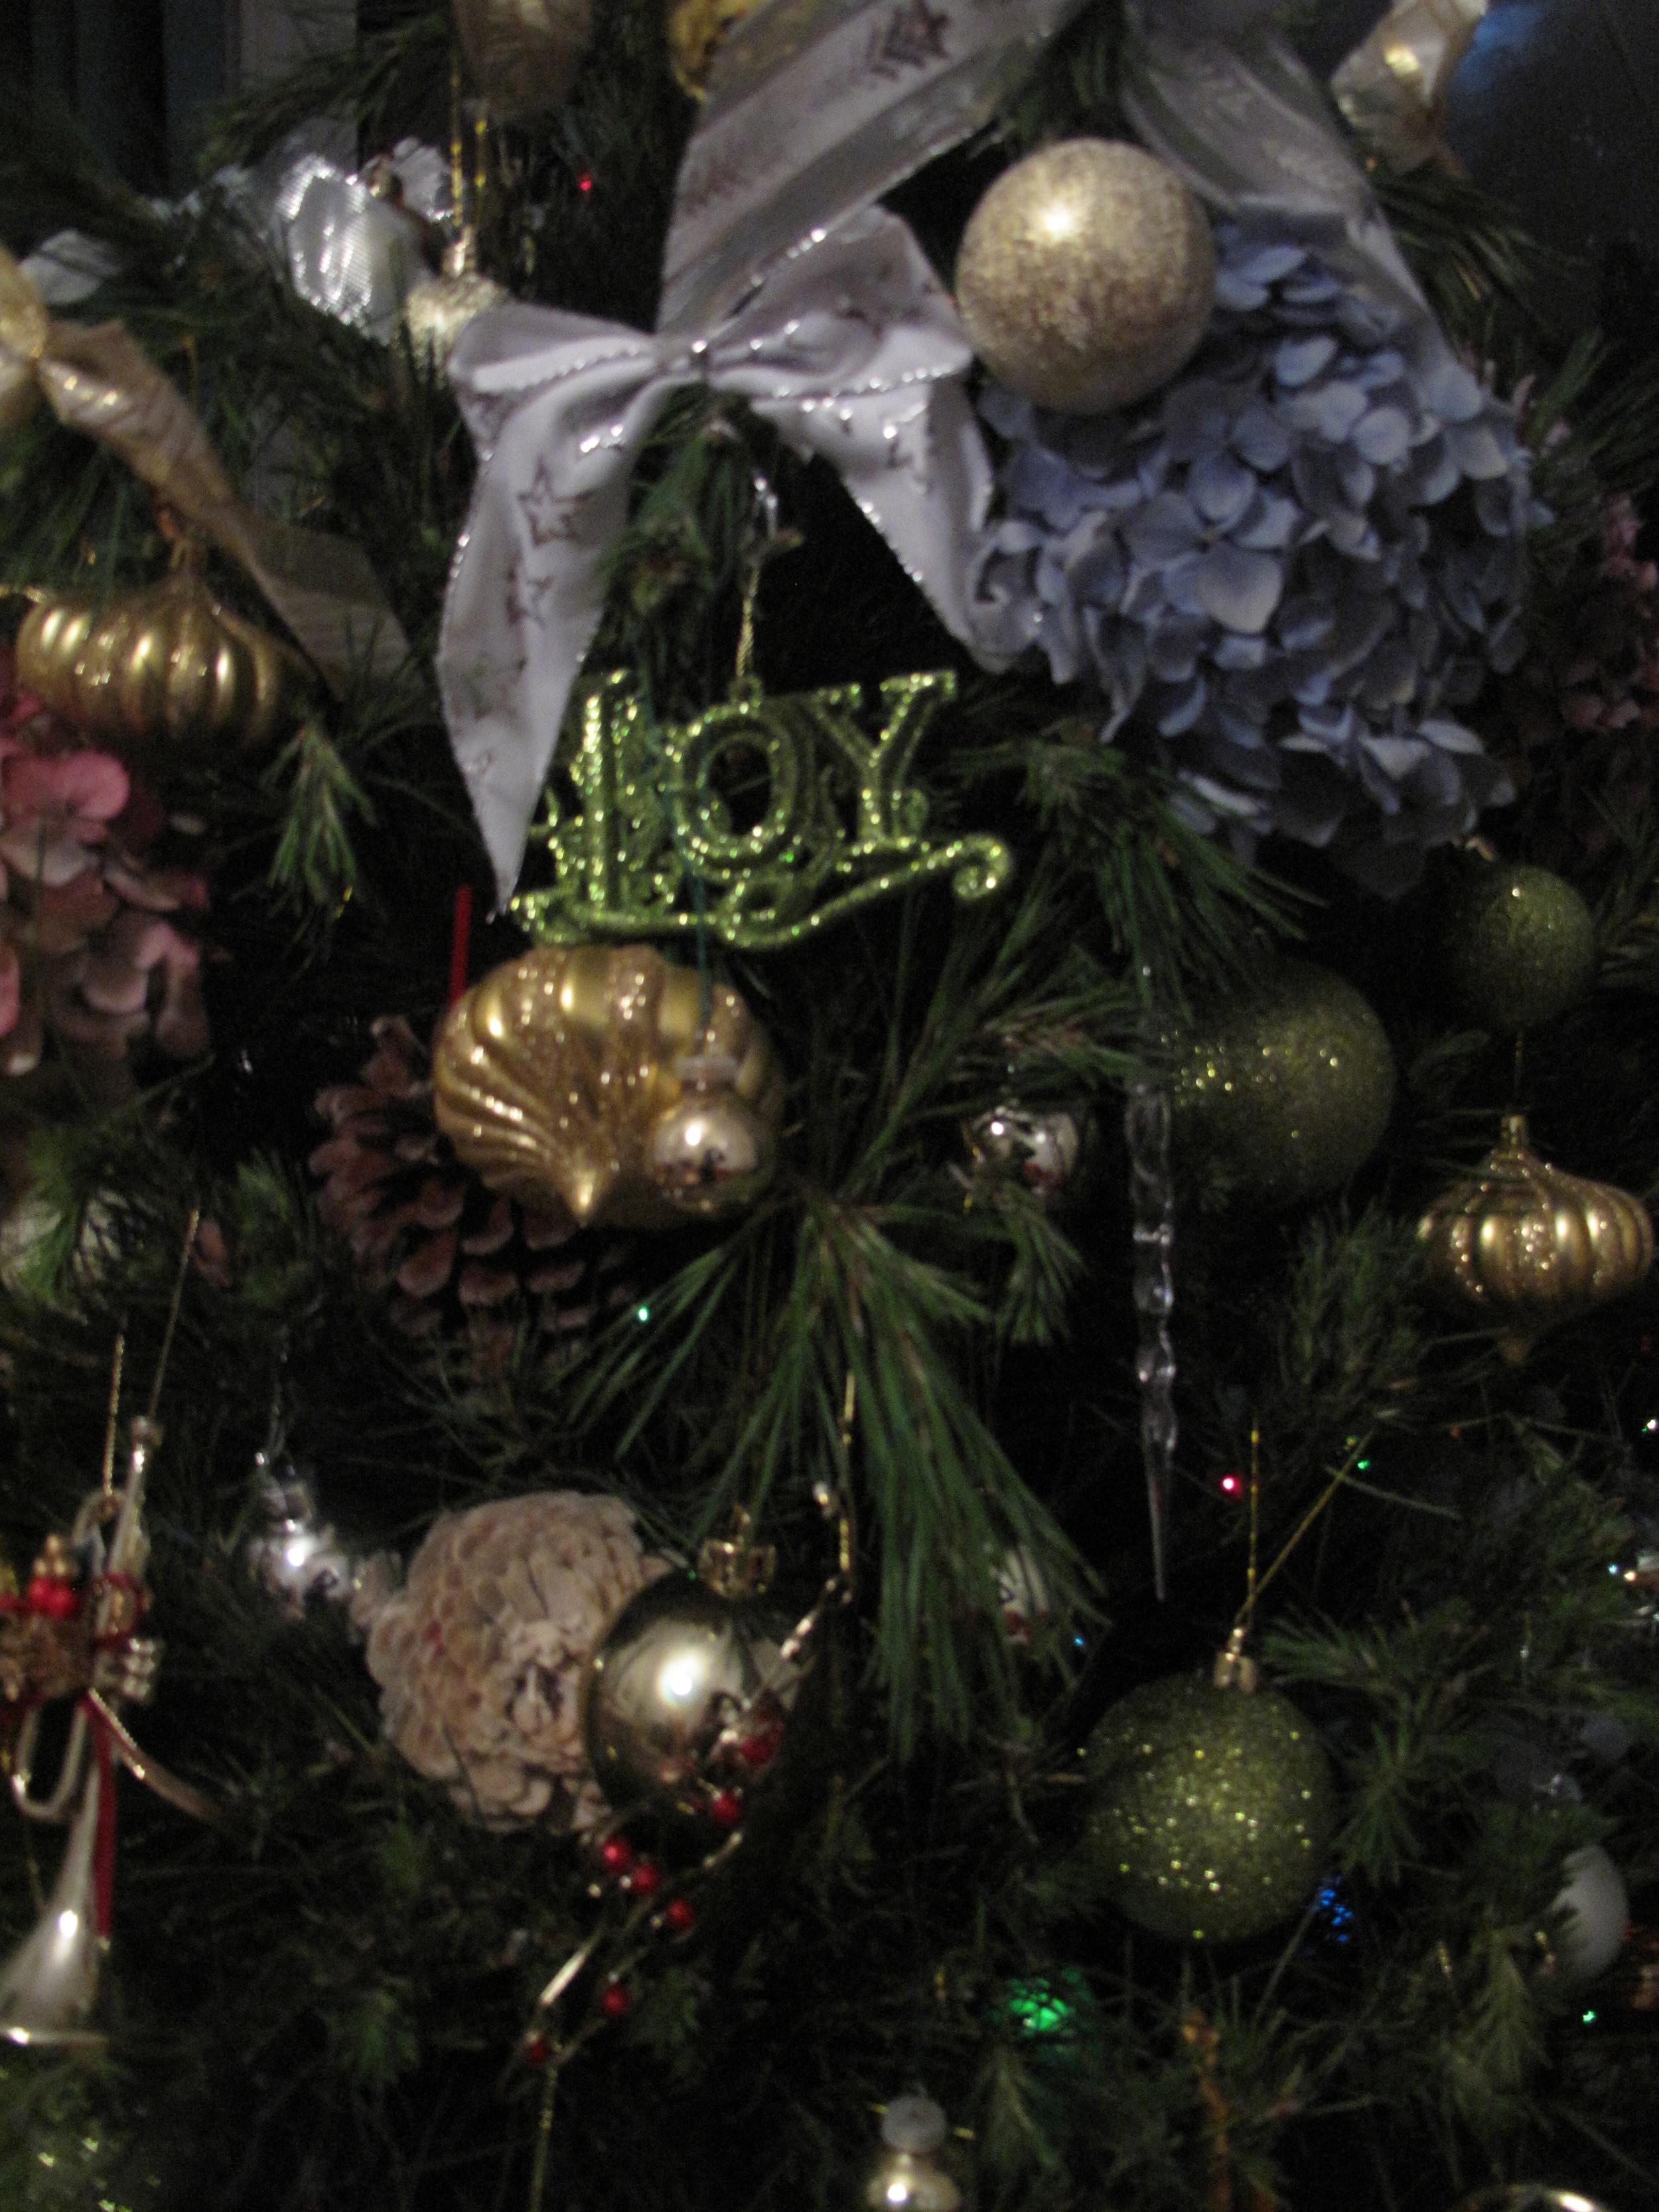 Natalie's vintage Christmas tree